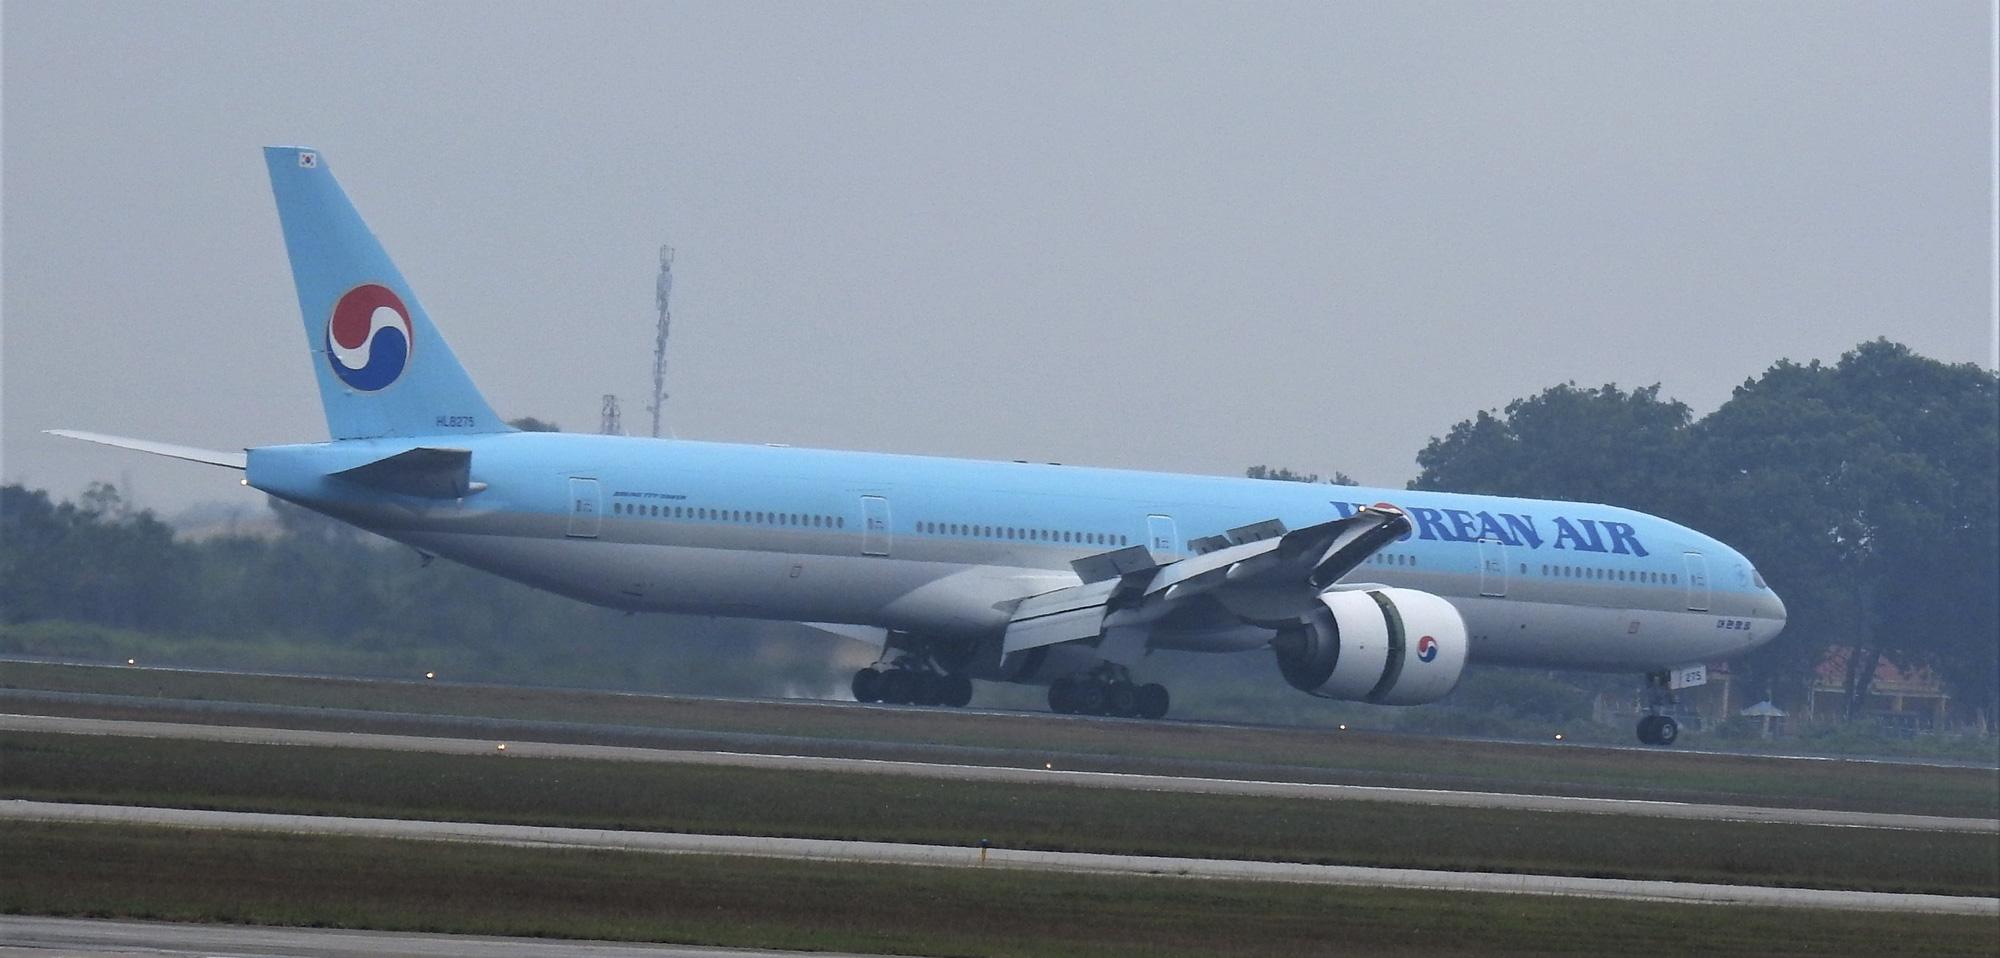 Giá vé máy bay từ Hàn Quốc đến Trung Quốc tăng gấp 4 lần khi dịch virus corona lây lan nhanh - Ảnh 2.